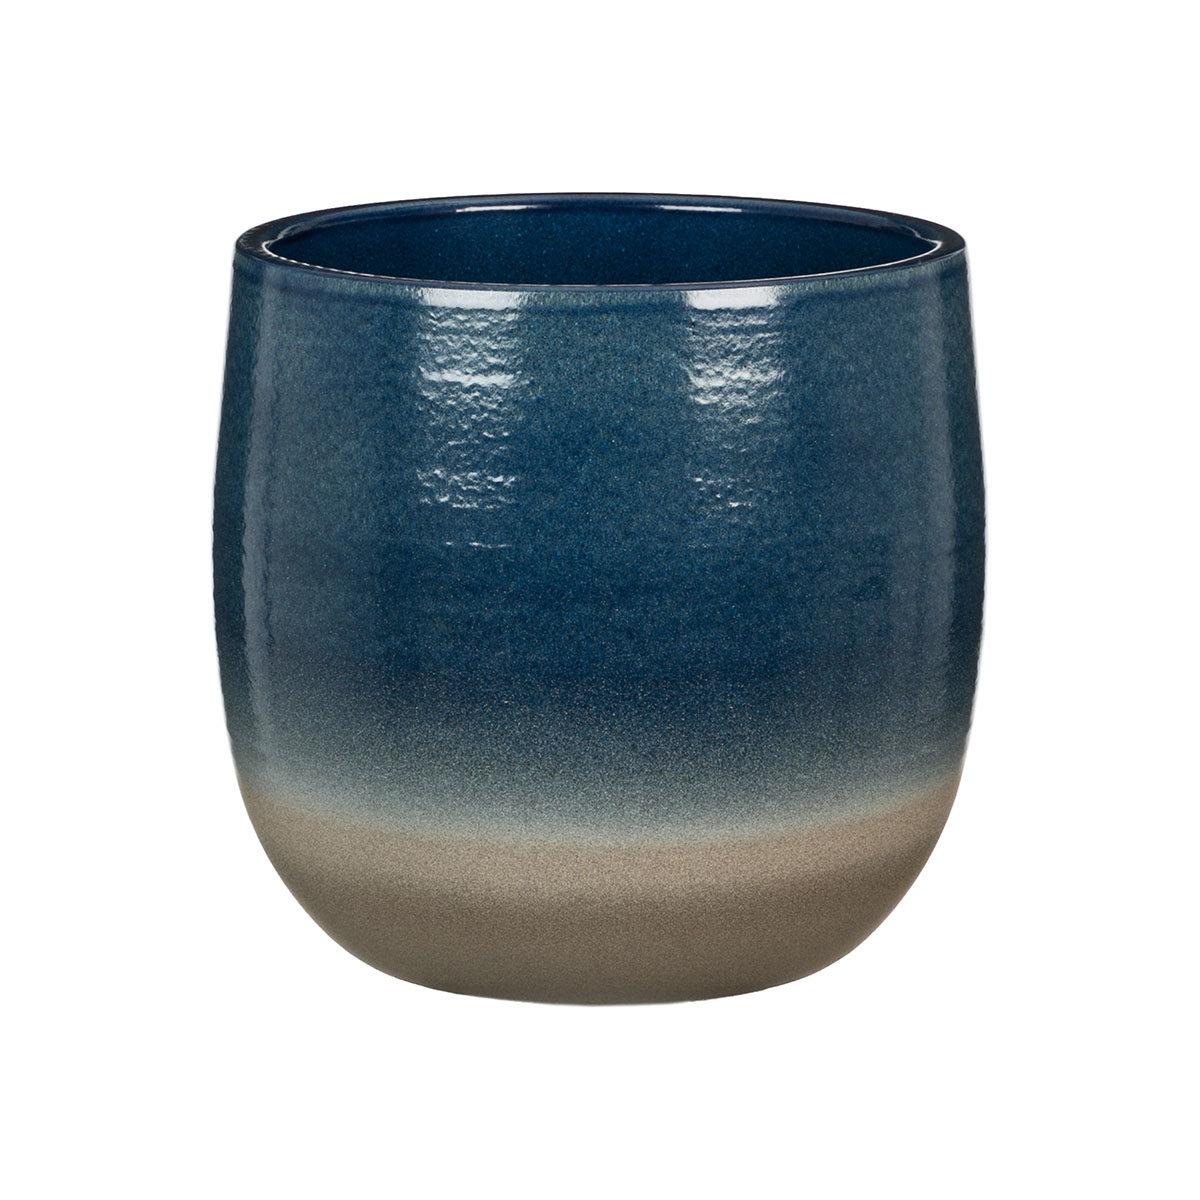 Übertopf Blue Allure, 28 cm